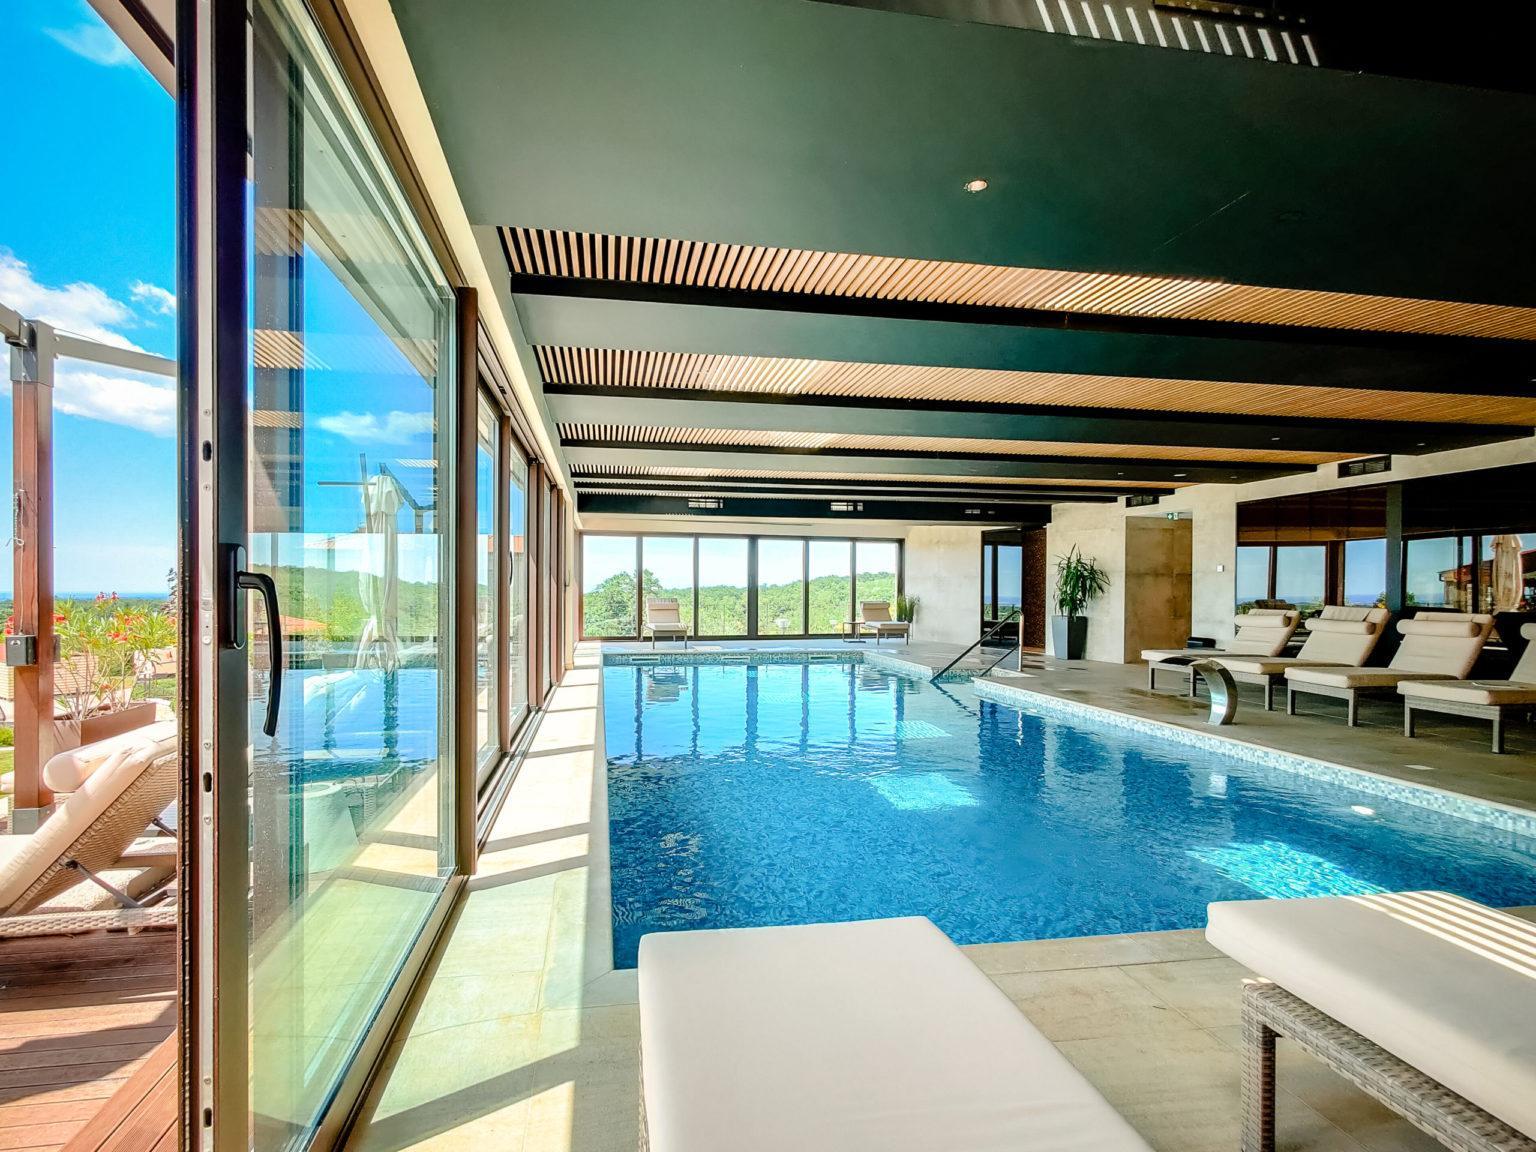 hochzeitslocation Kroatien location hochzeit heiraten 6 1 scaled - Hotel der Jahreszeiten